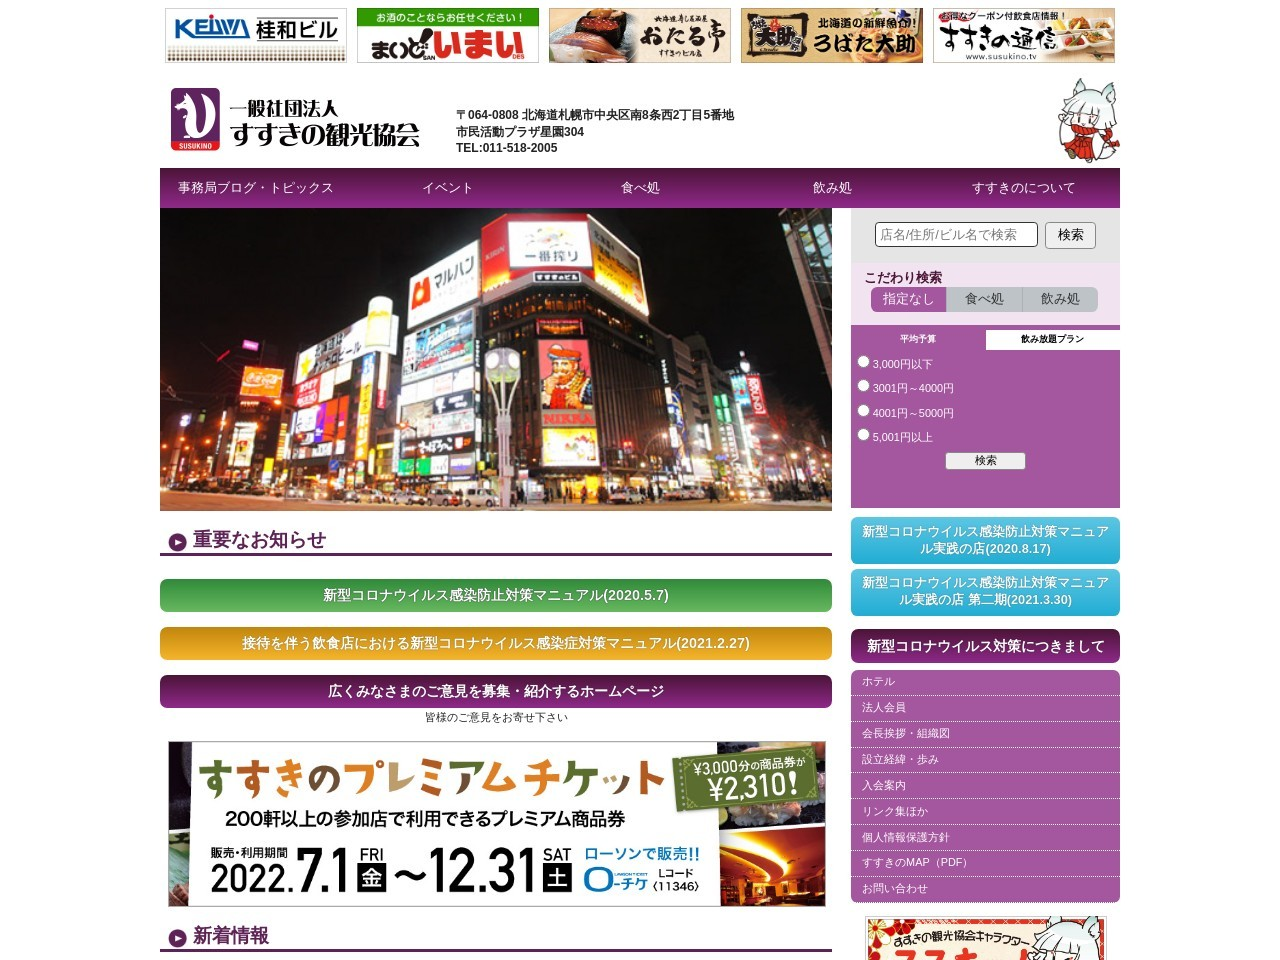 http://www.susukino-ta.jp/topics/eventinfo/